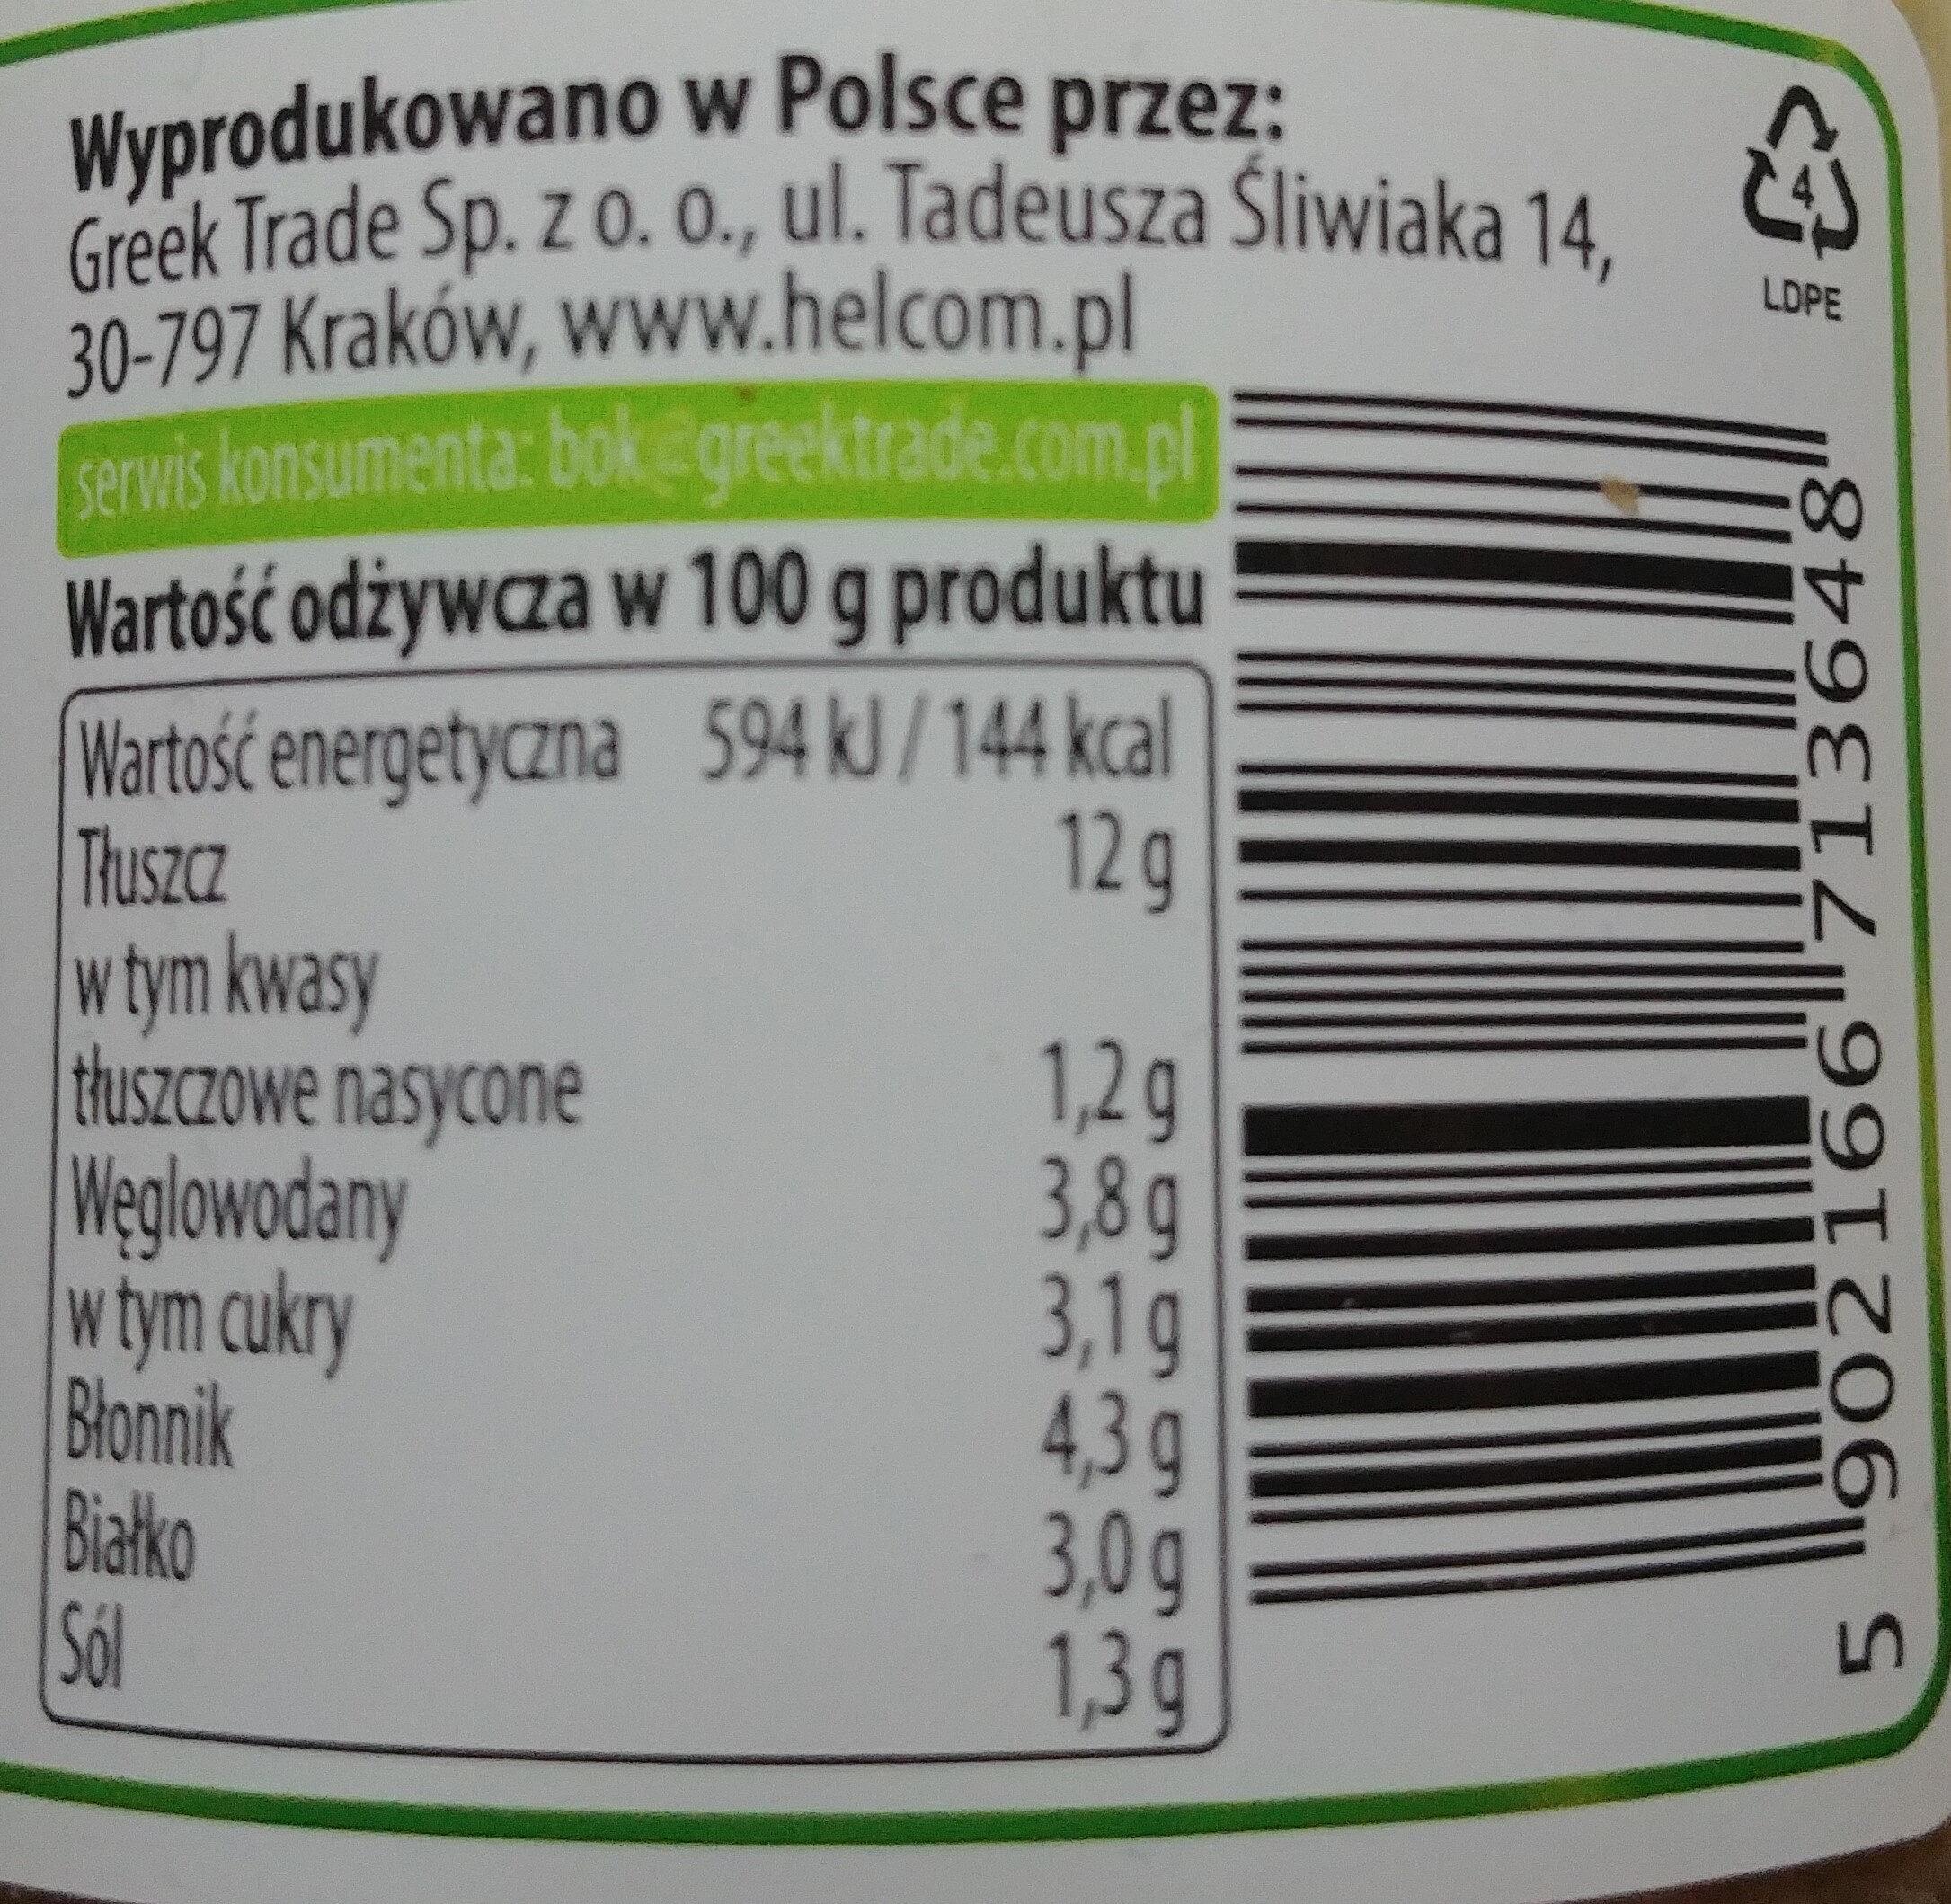 Pasta bakłażanowa z suszonymi pomidorami - Nutrition facts - pl